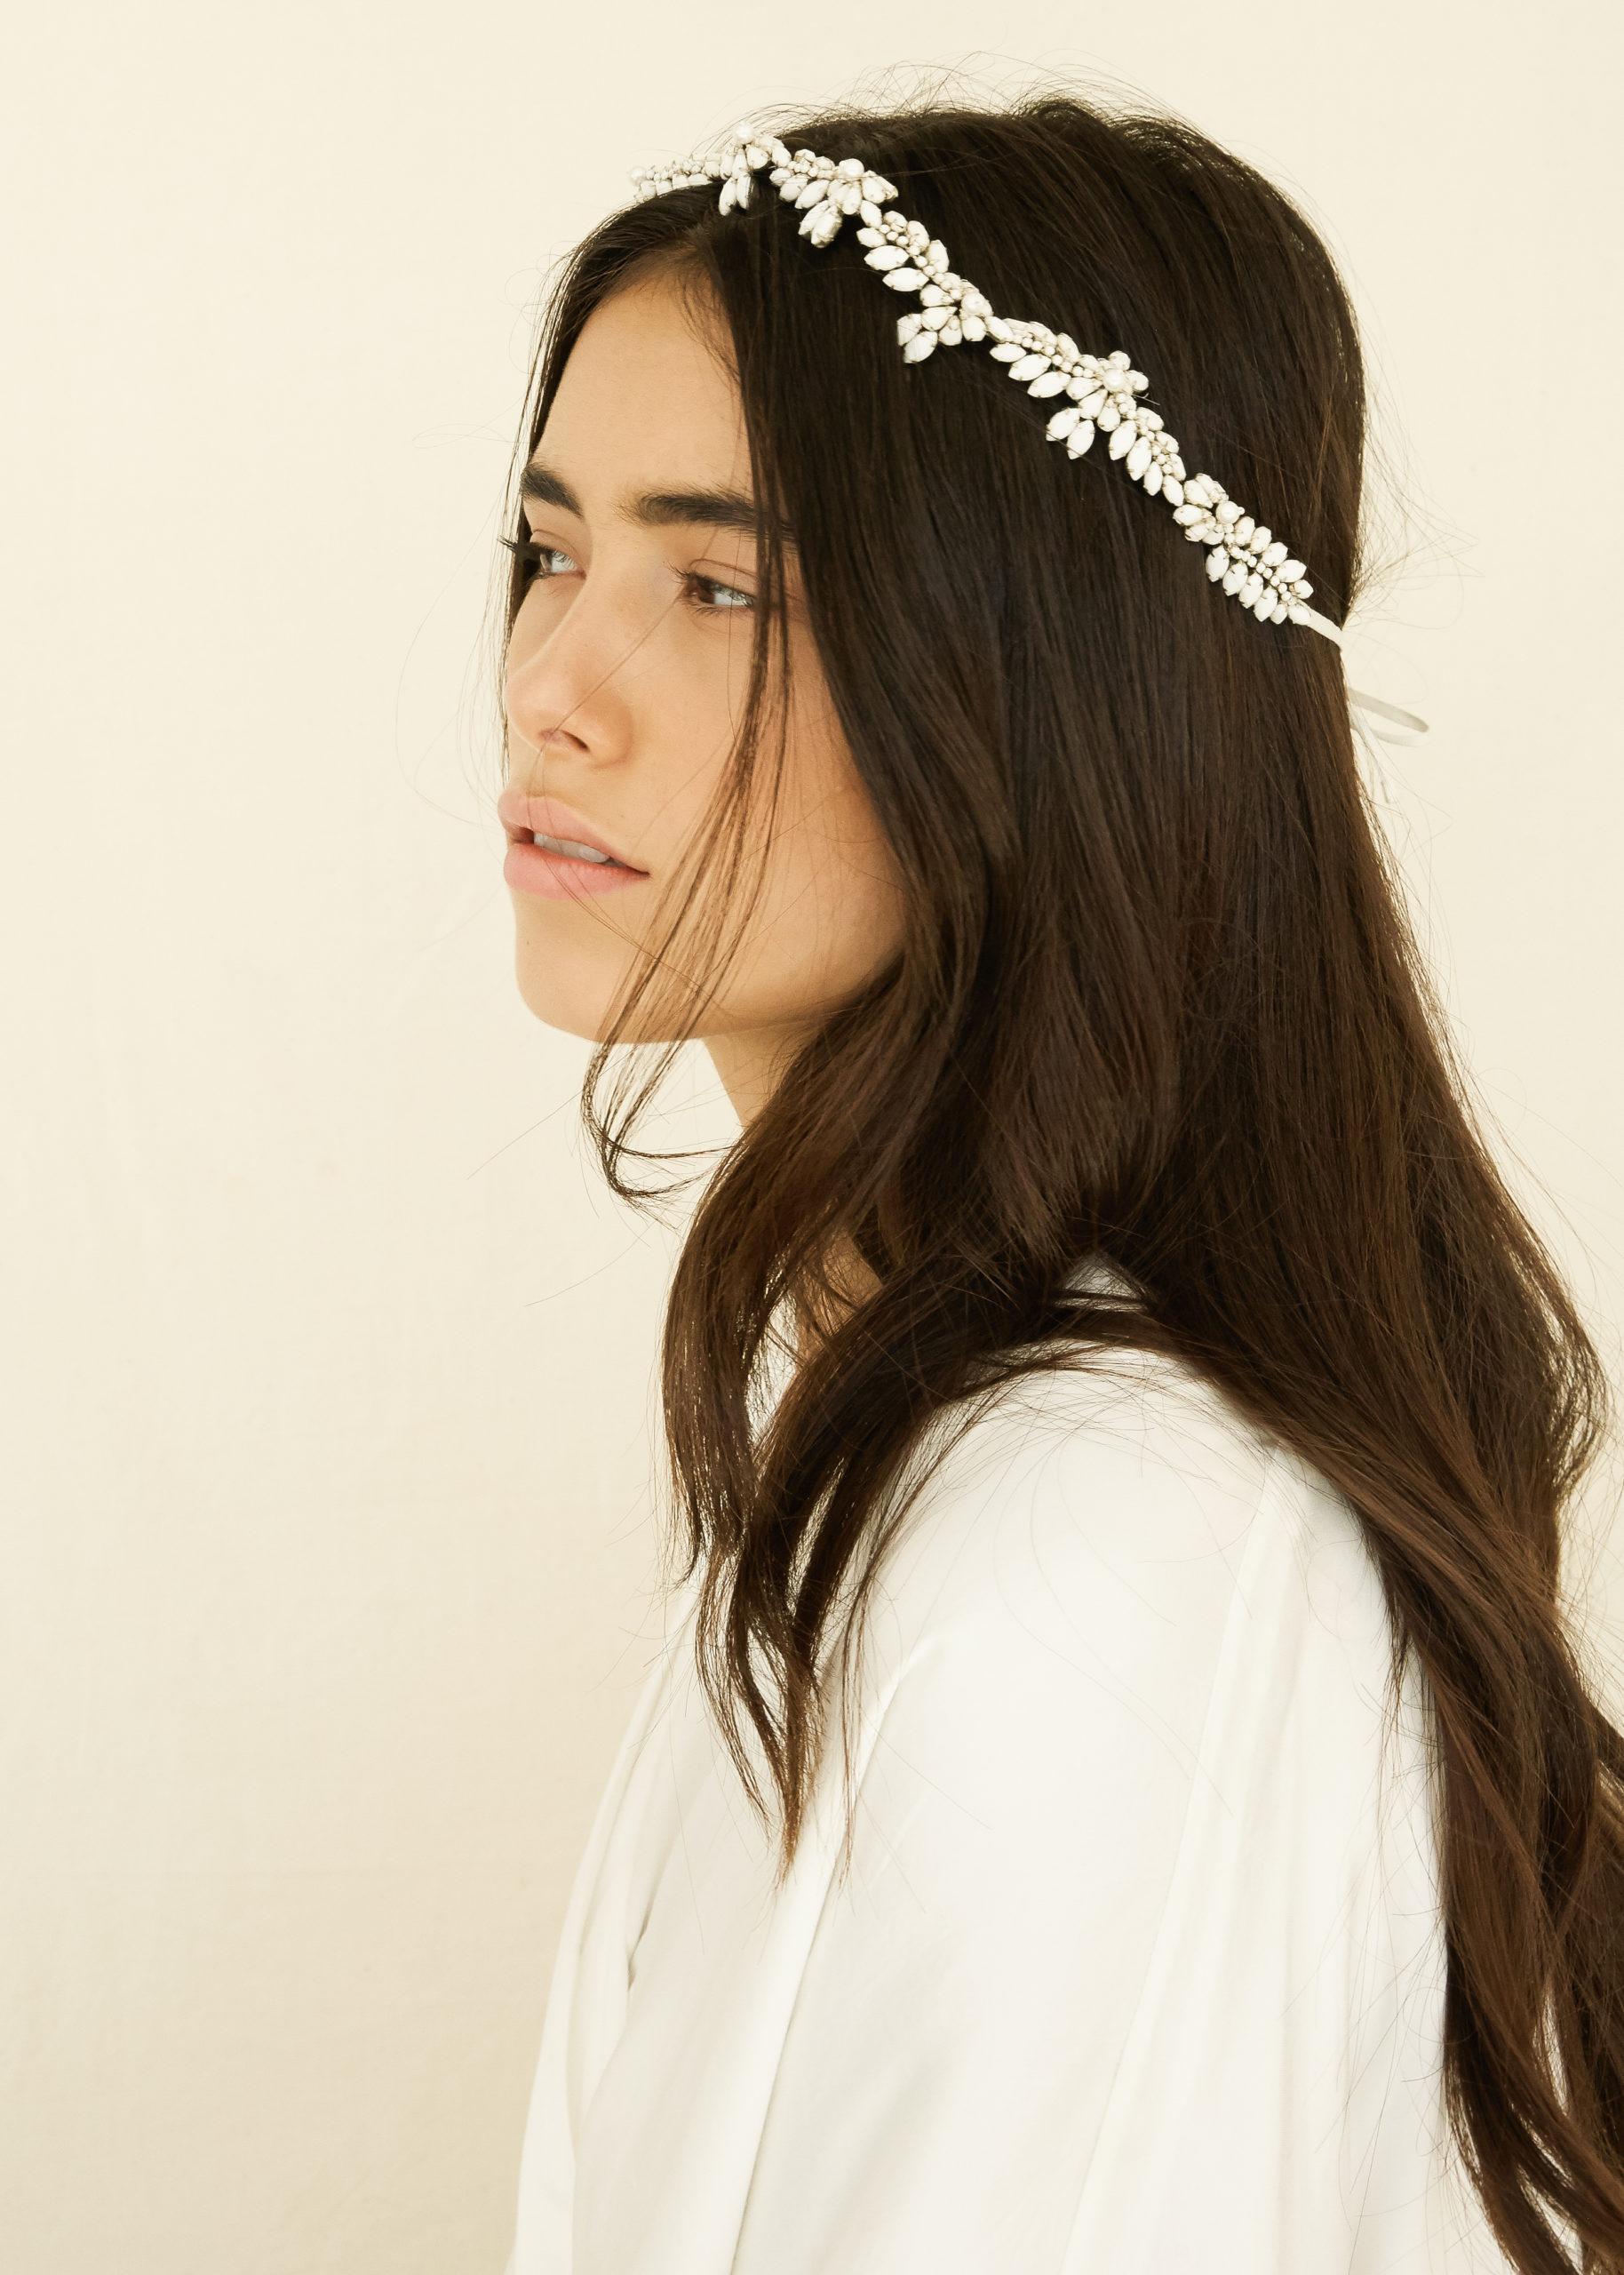 Rosalie crown Bo&Luca couronne bijoux cheveux fleurs strass ruban bohème boho Genève robe de mariée blanc cristal